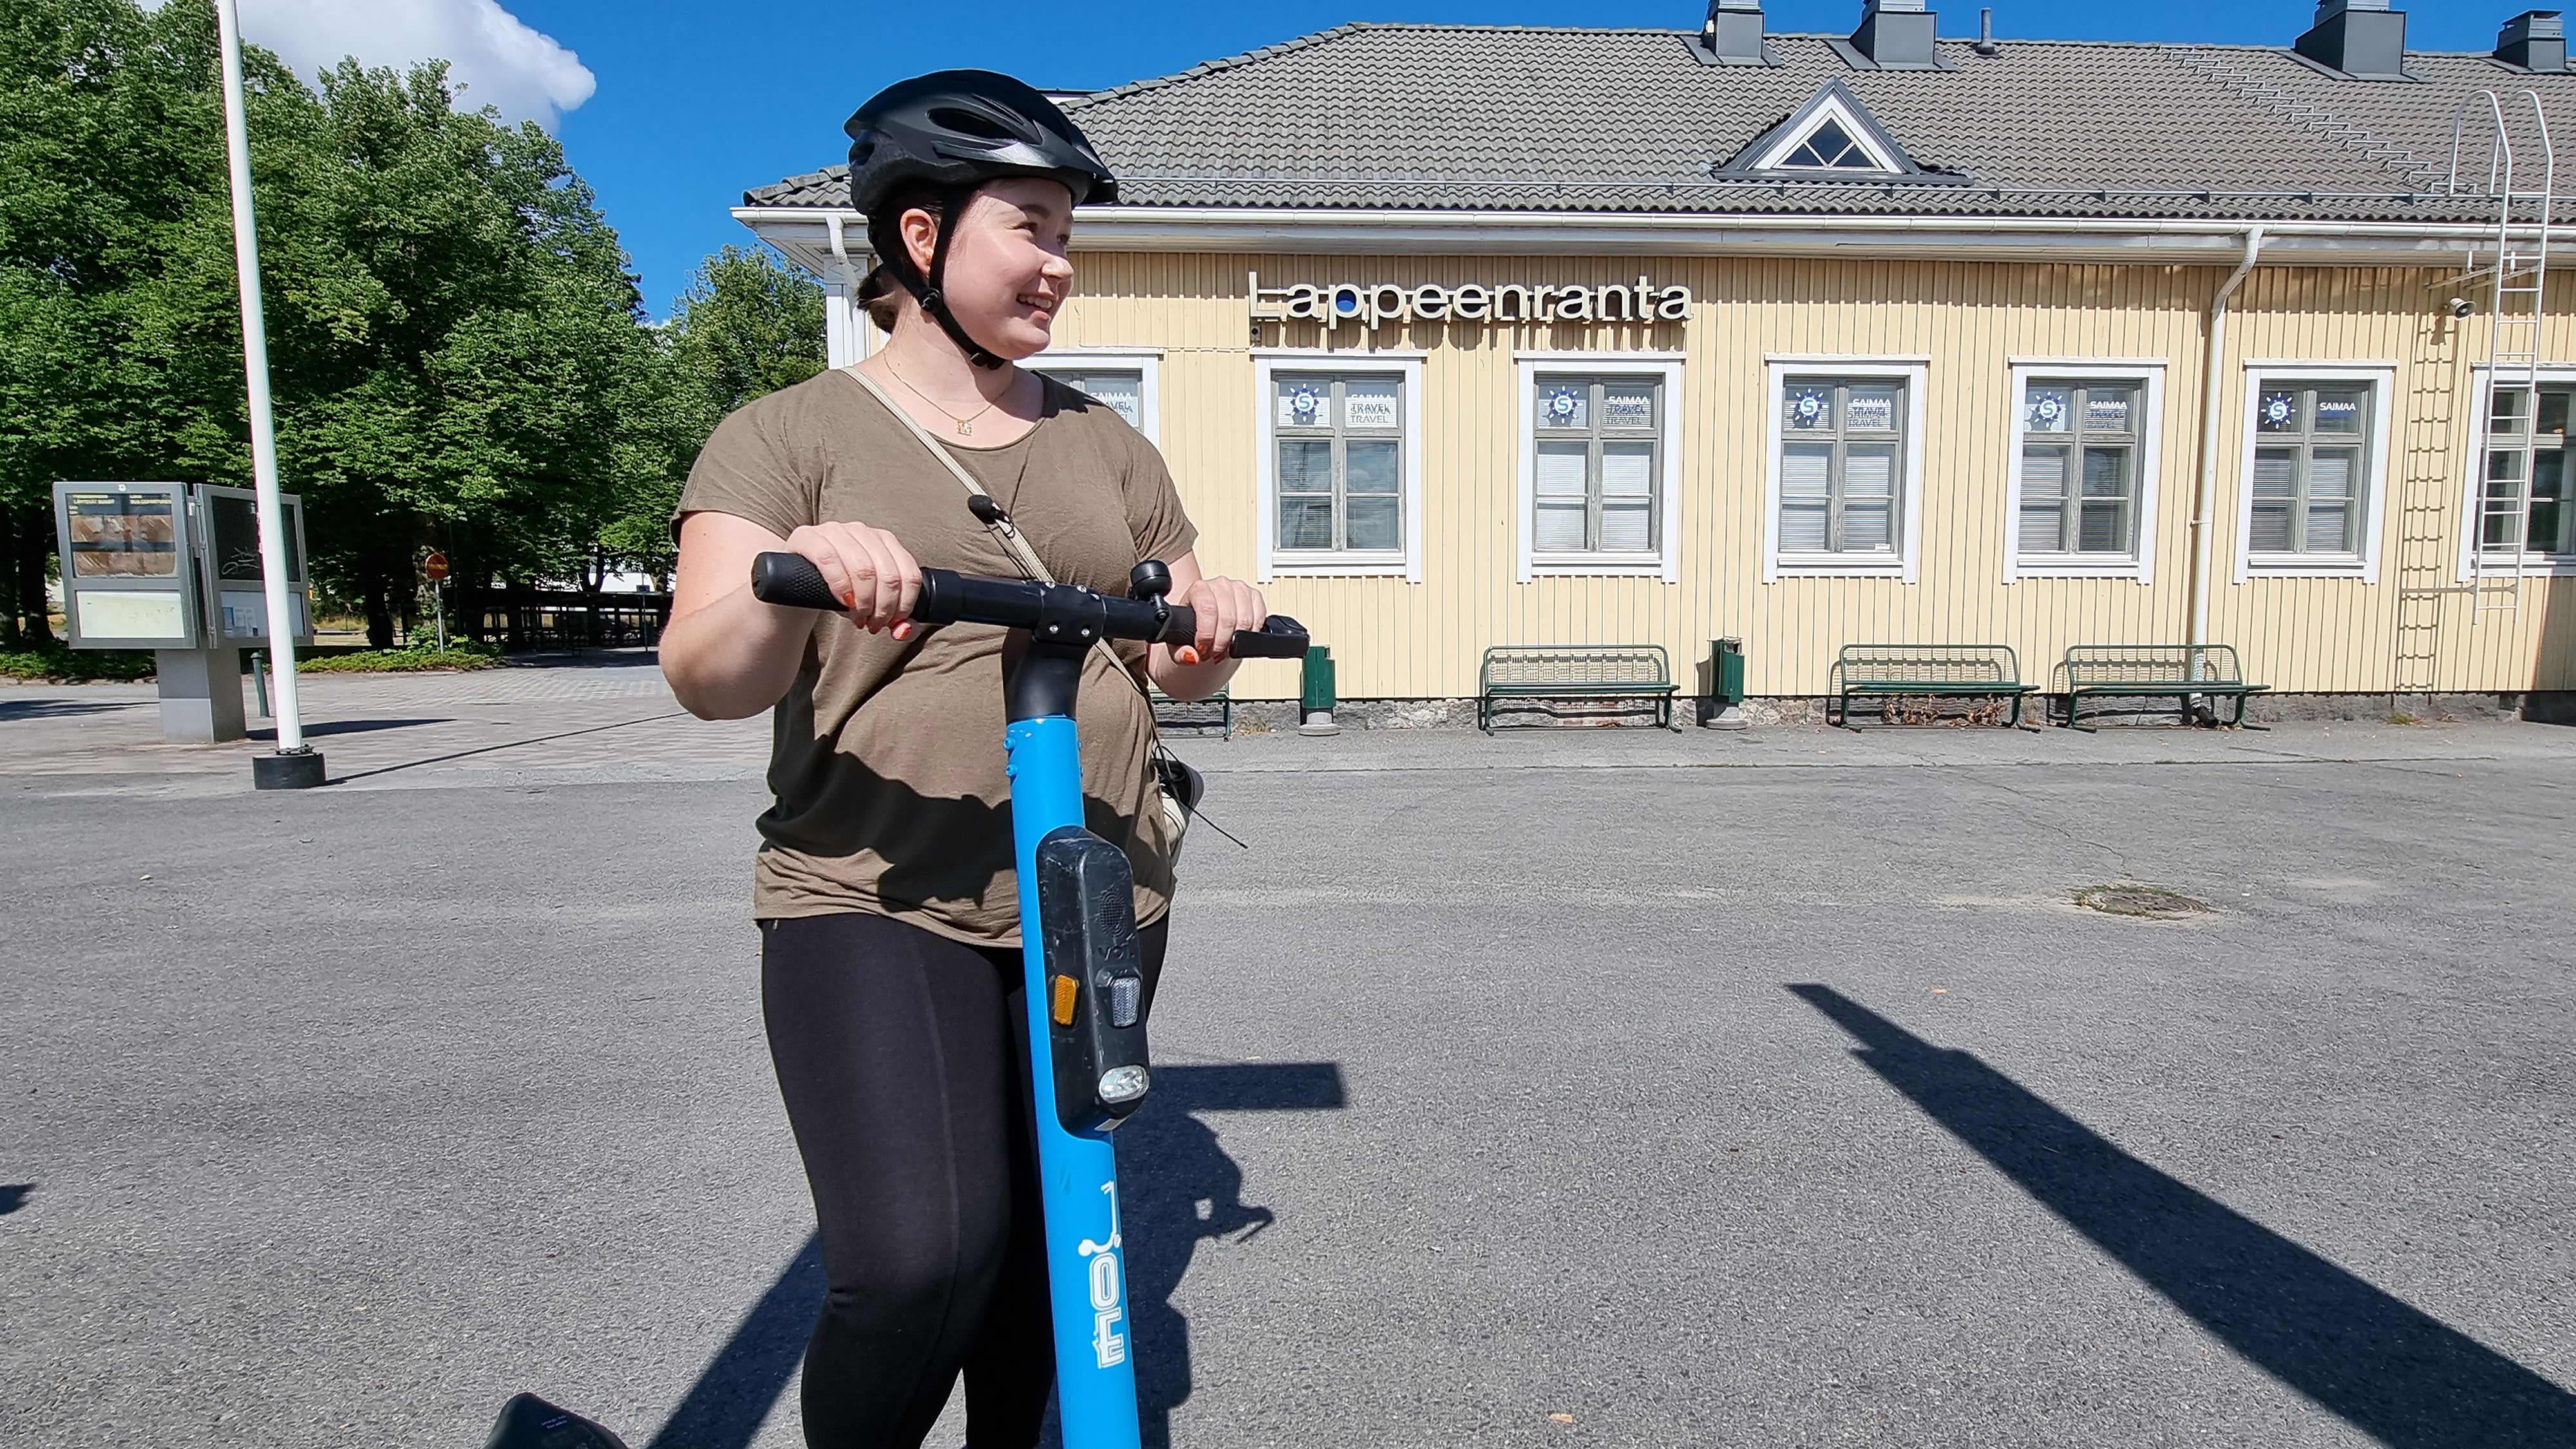 toimittaja Marika Anttonen sähköpotkulaudalla Lappeenrannan rautatirasemalla